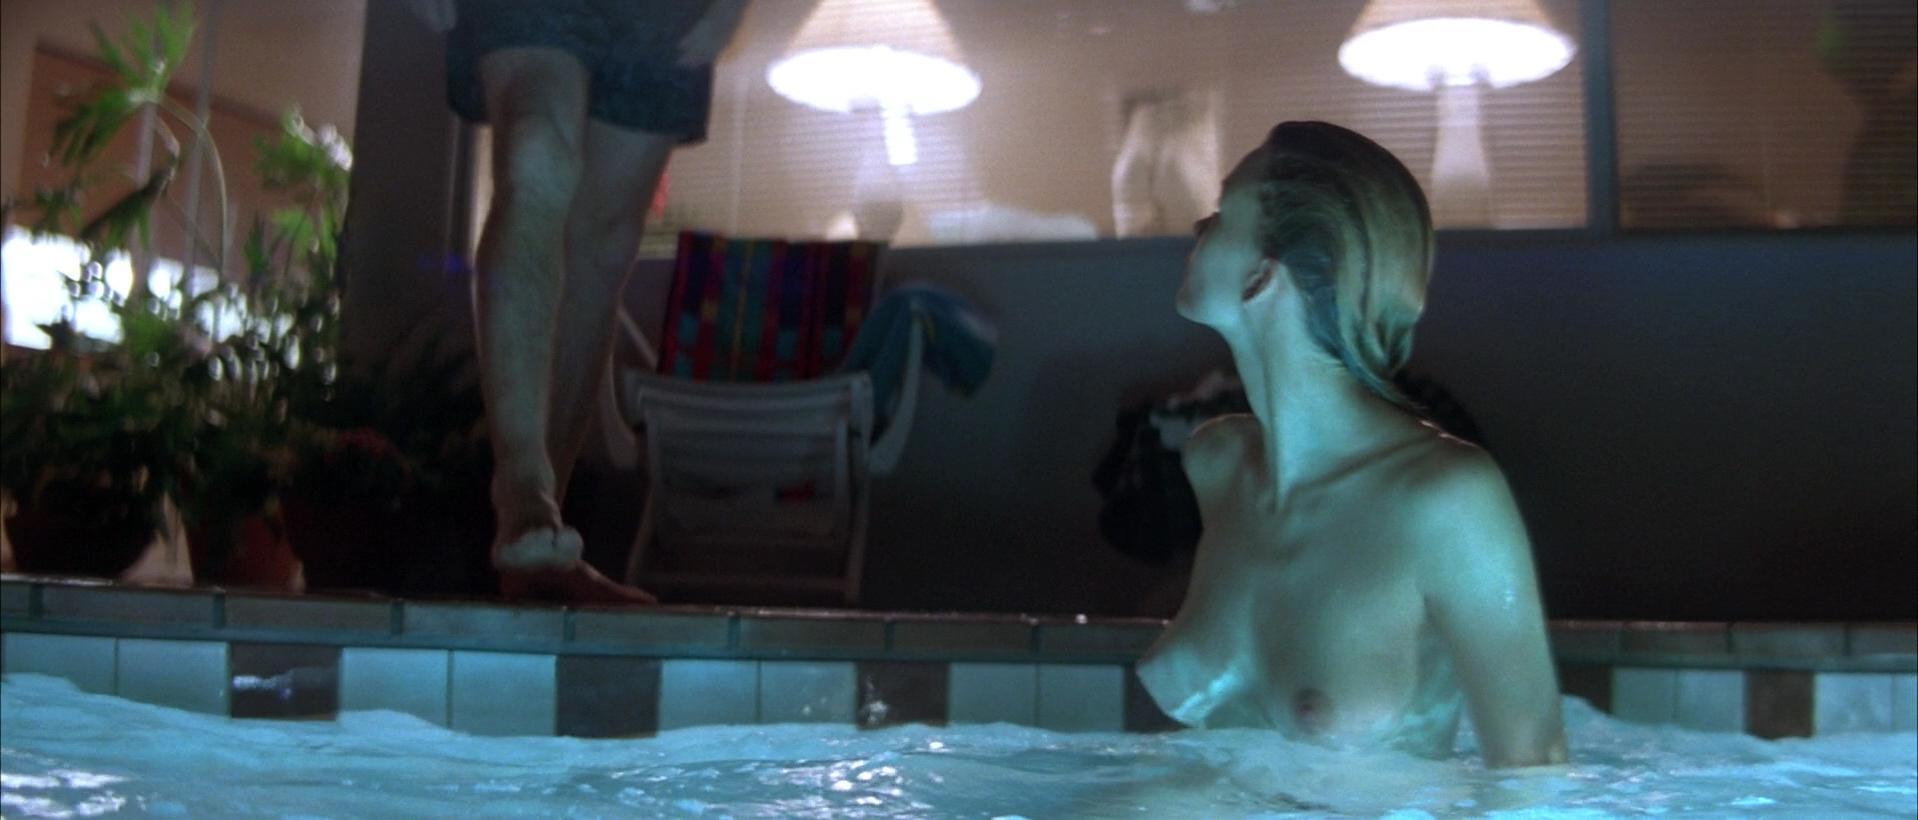 Rasta sexo porno imagen desnuda